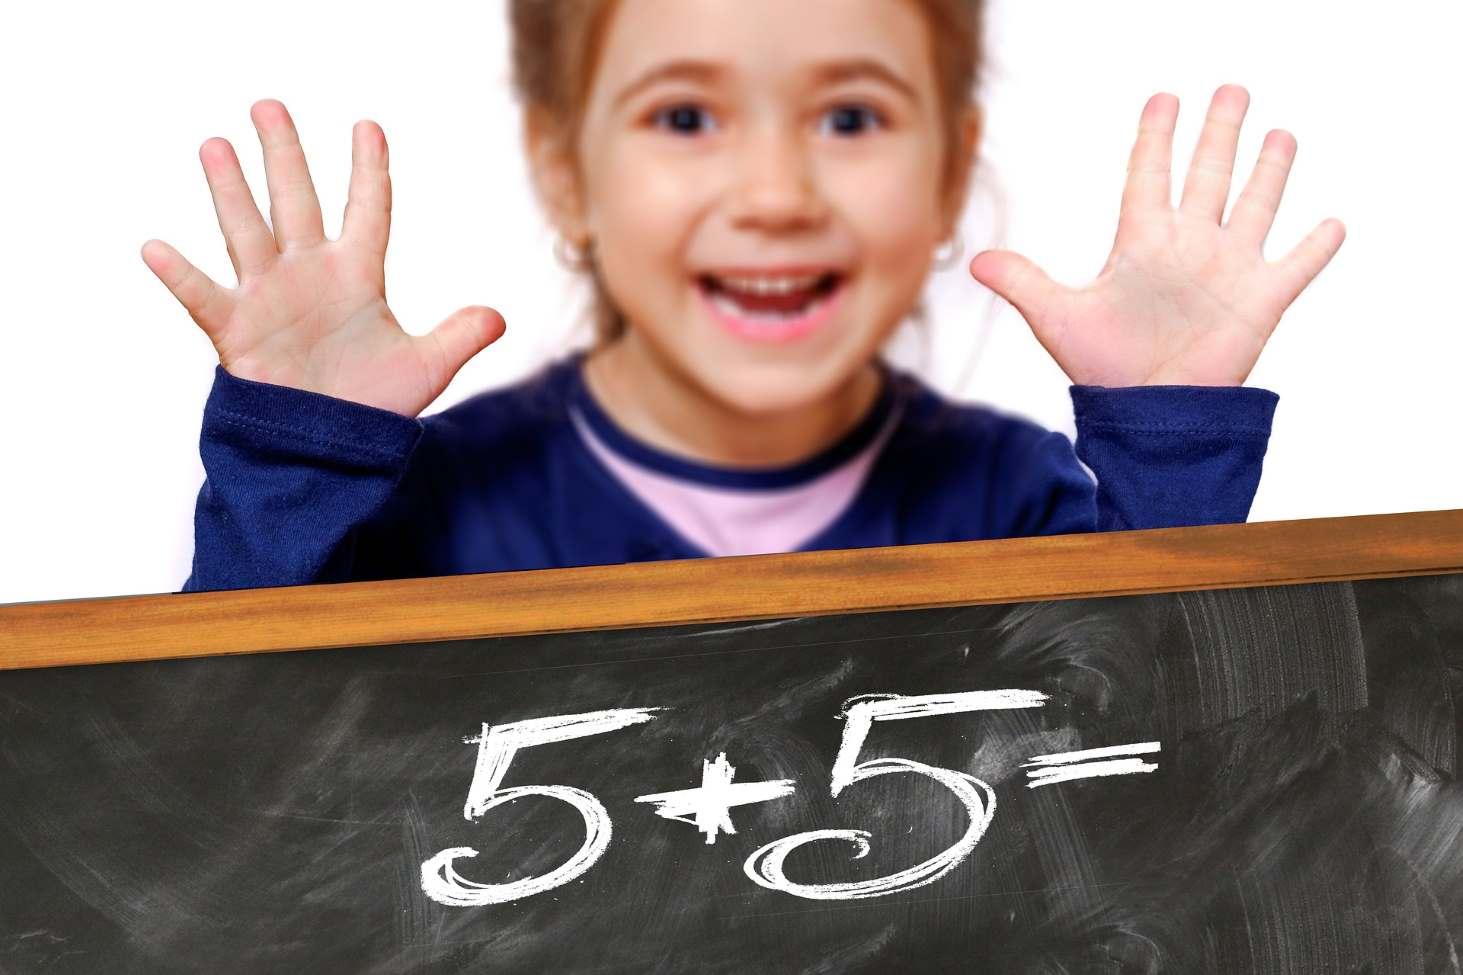 kak-problemnye-zadachi-pomogayut-v-razvitii-matematicheskih-sposobnostej-doshkolnikov